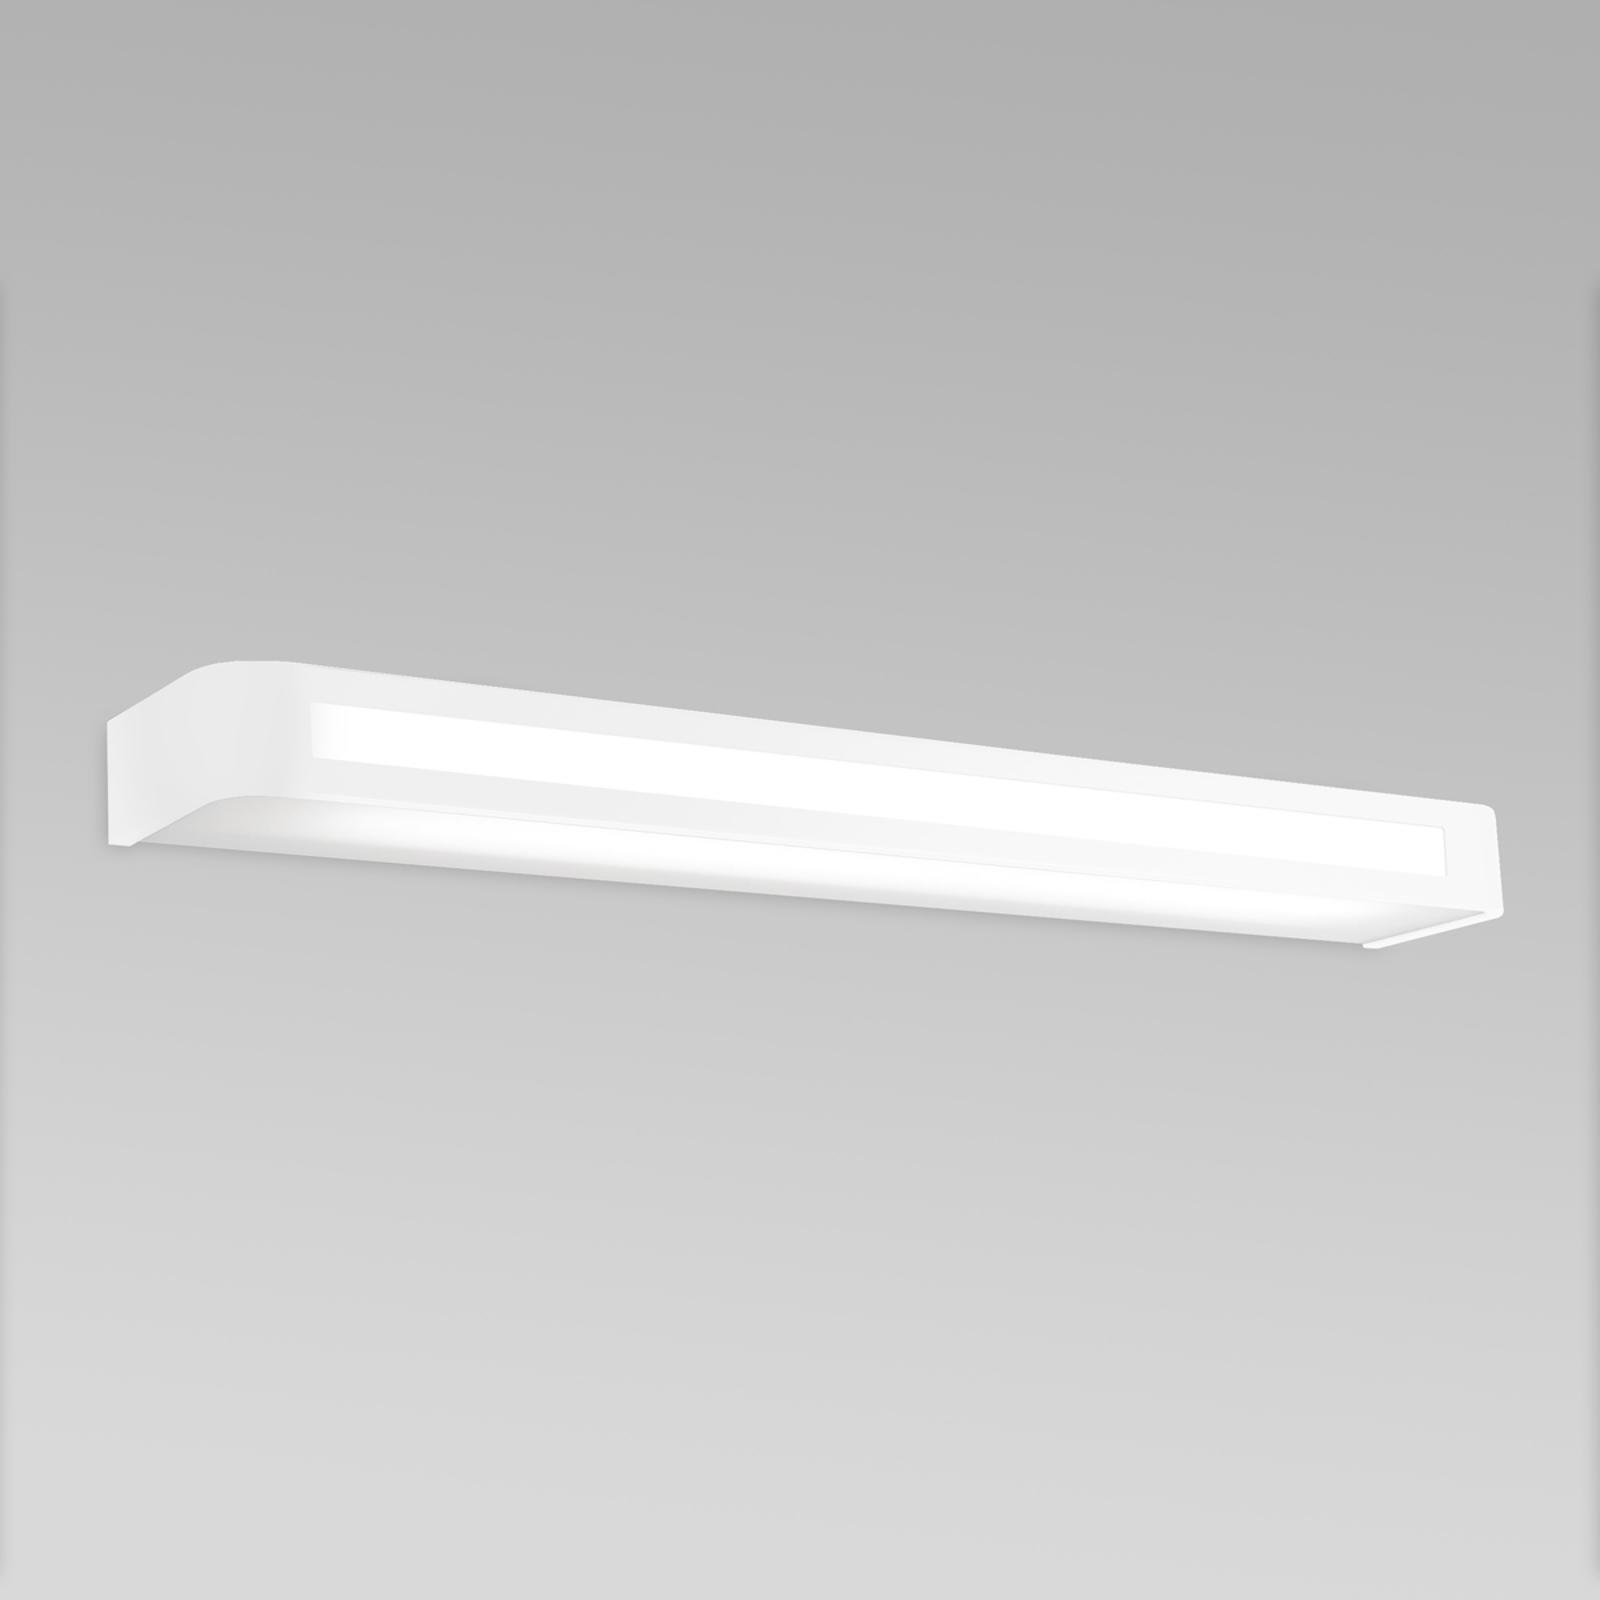 Arcos tidløs LED-væglampe, IP20 60 cm, hvid